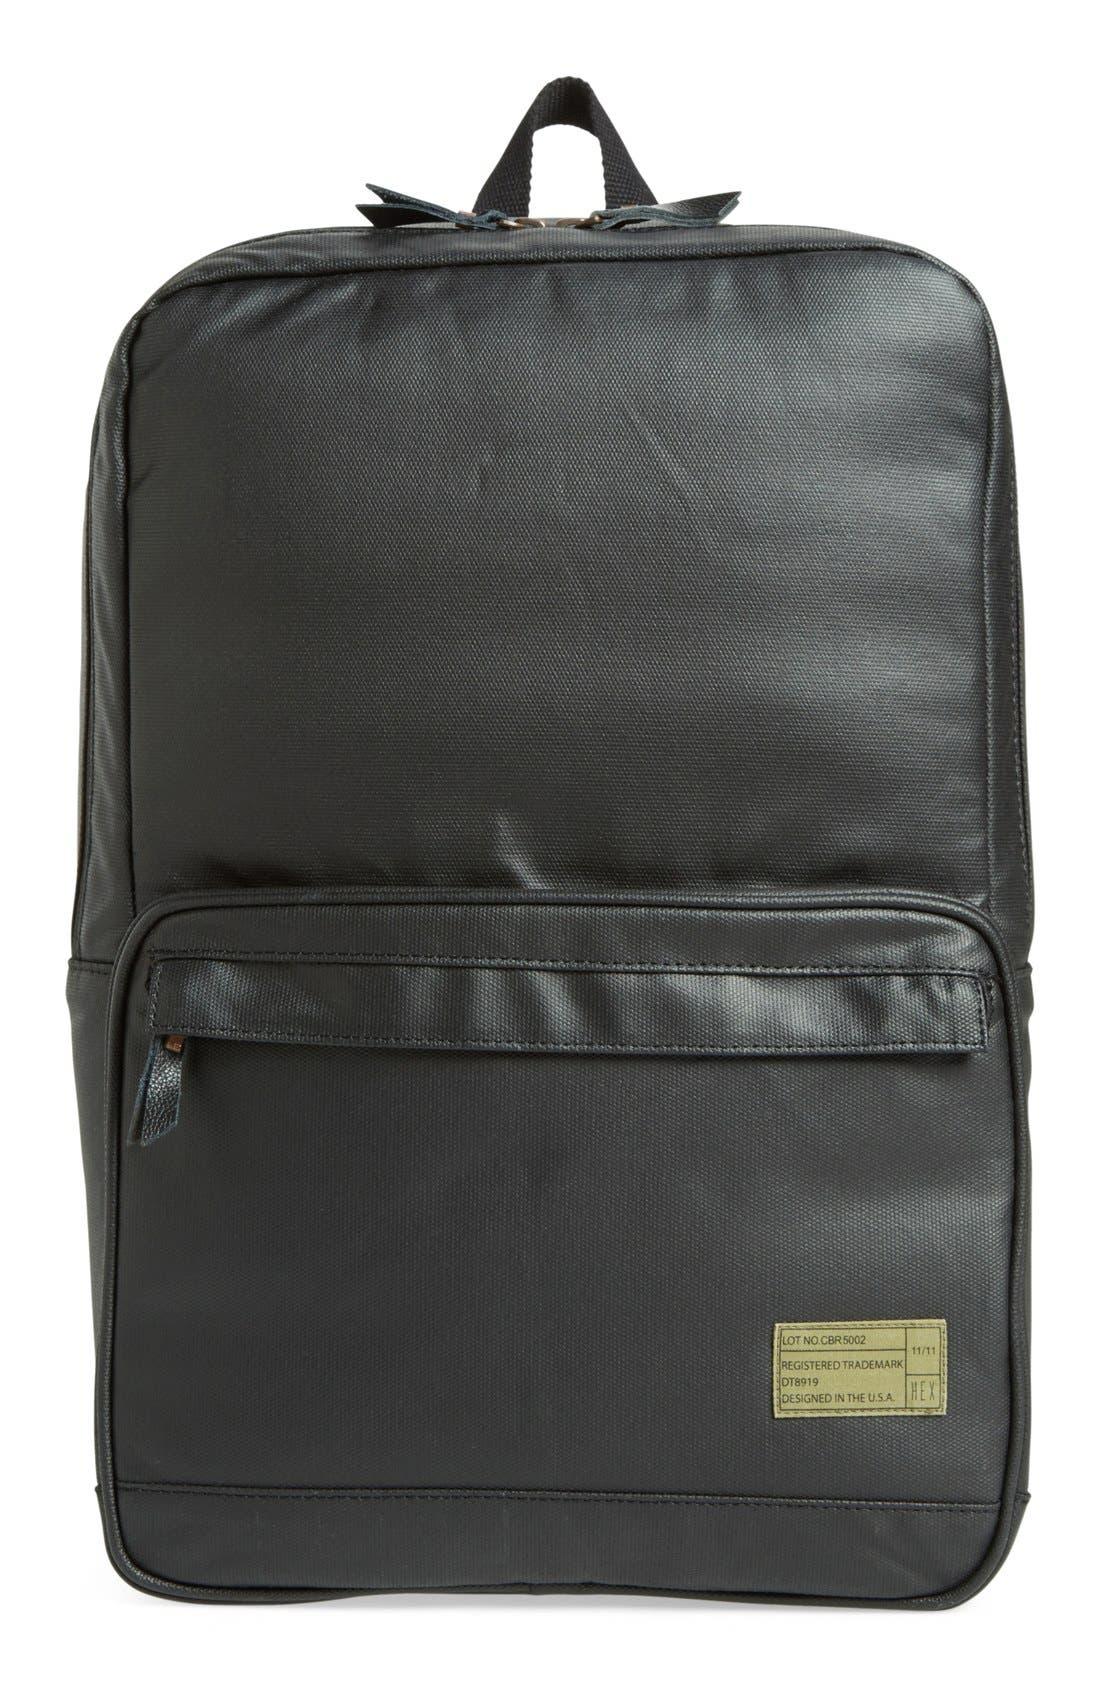 HEX 'Origin' Water Resistant Backpack, Main, color, 001